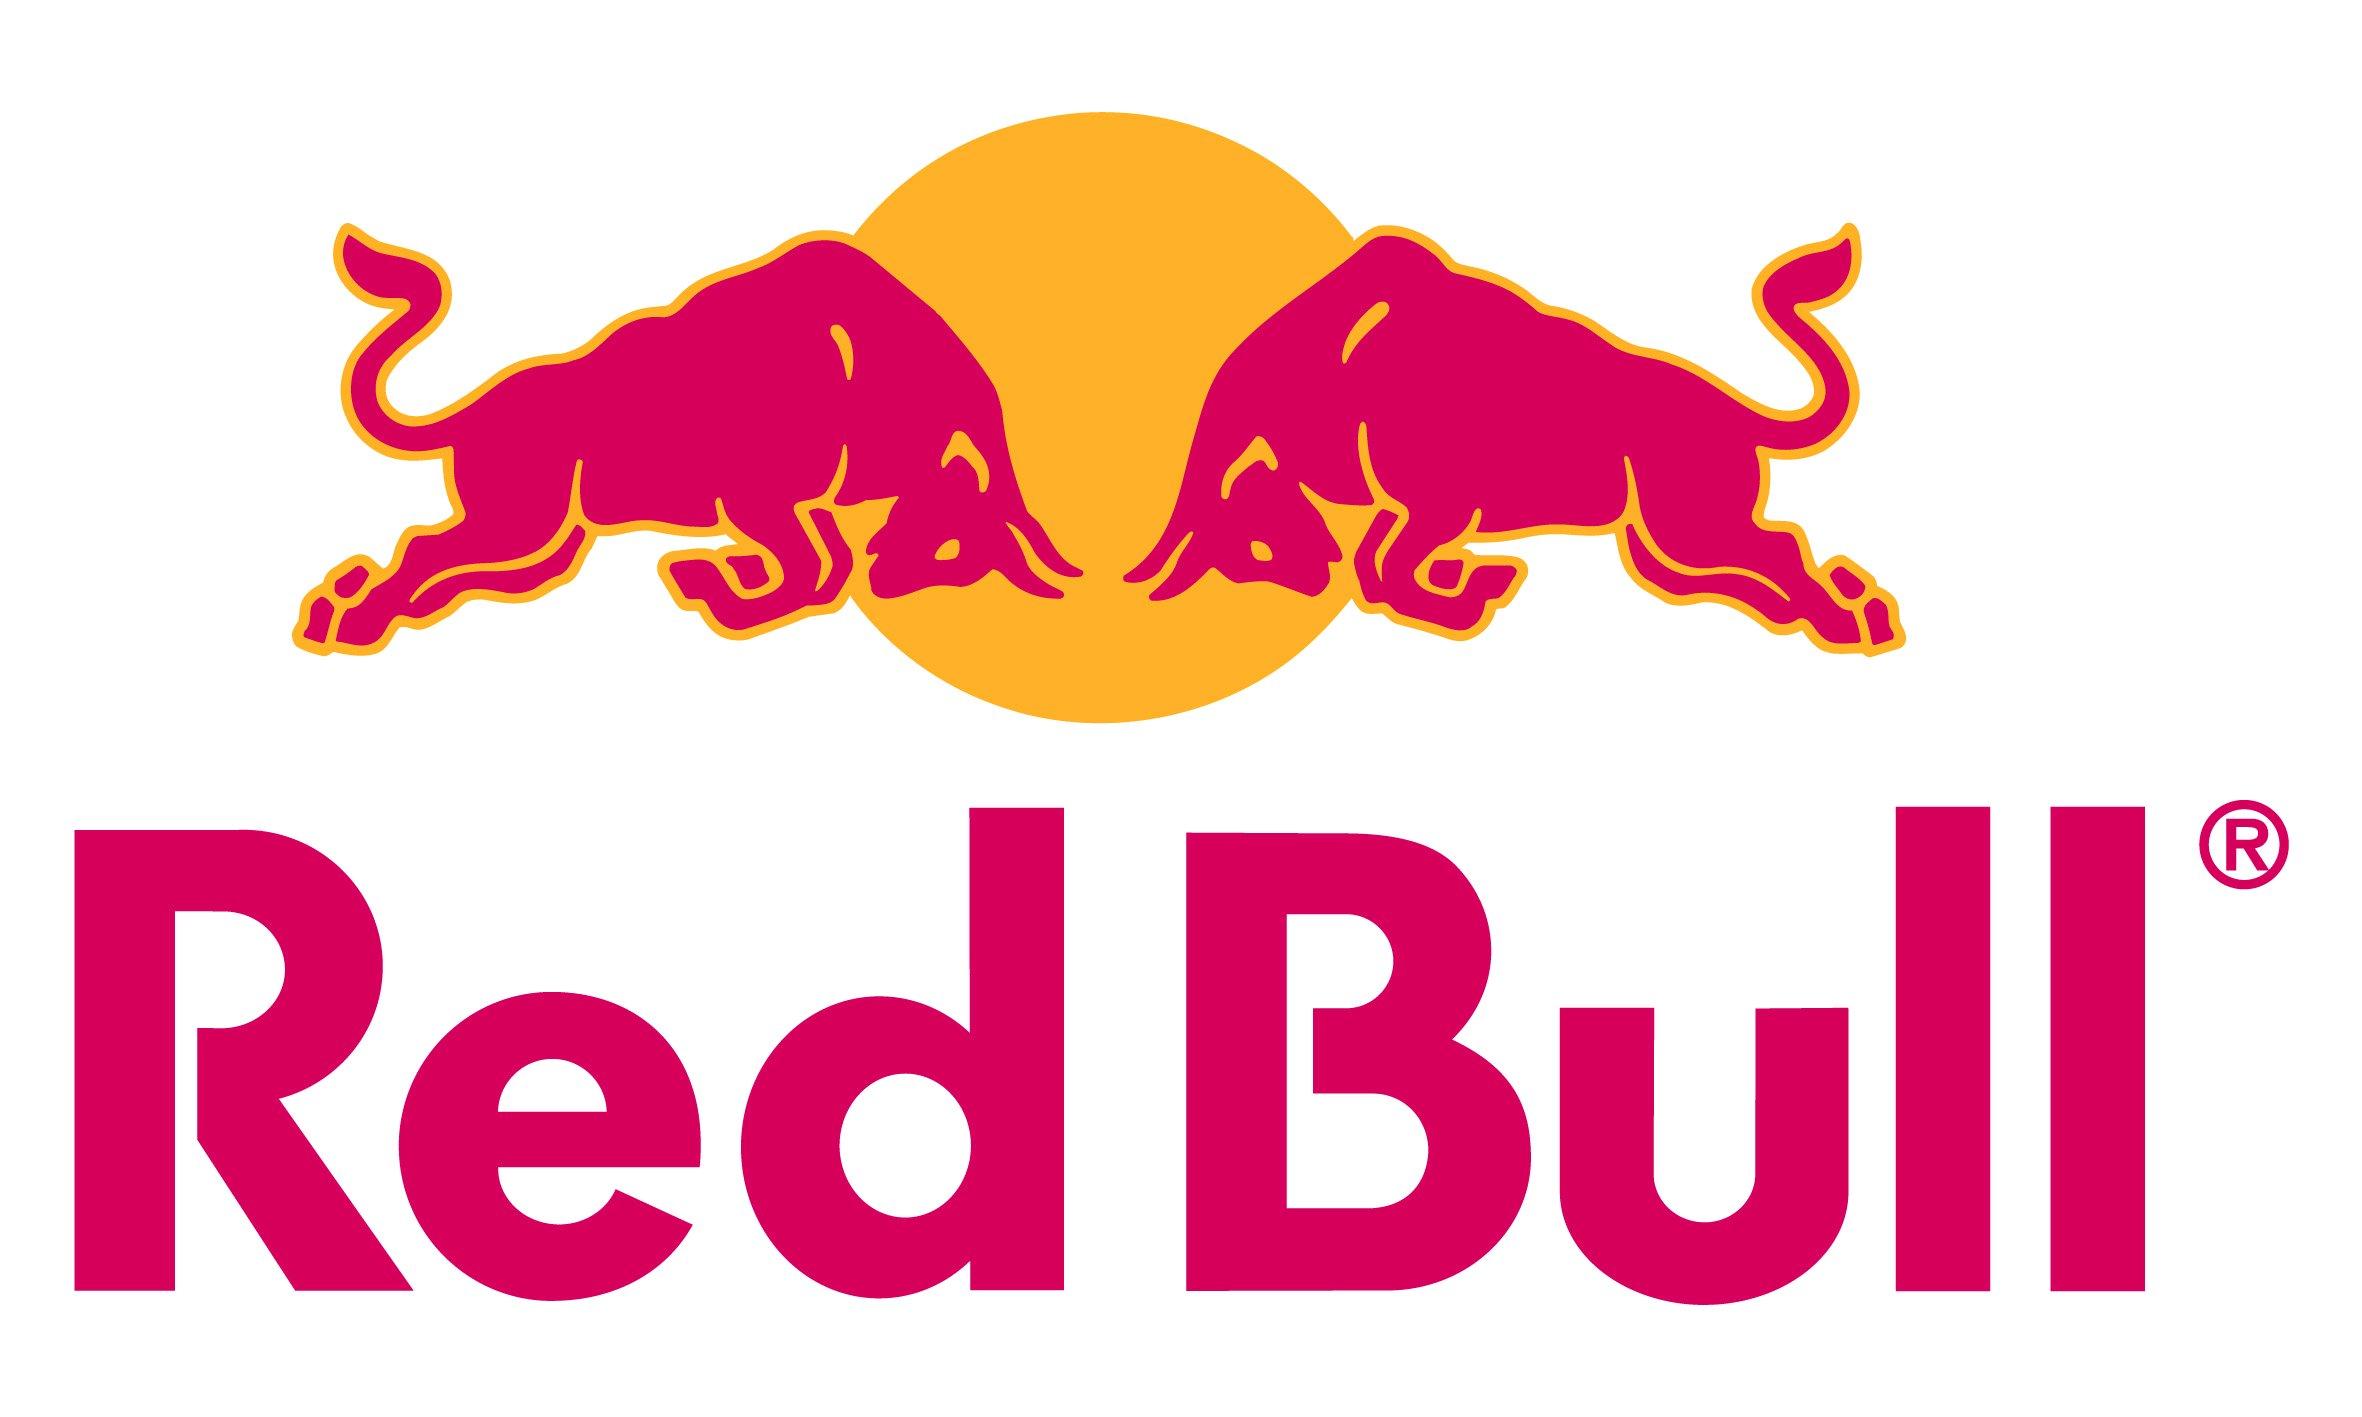 Redbull_logo_png-2.jpg